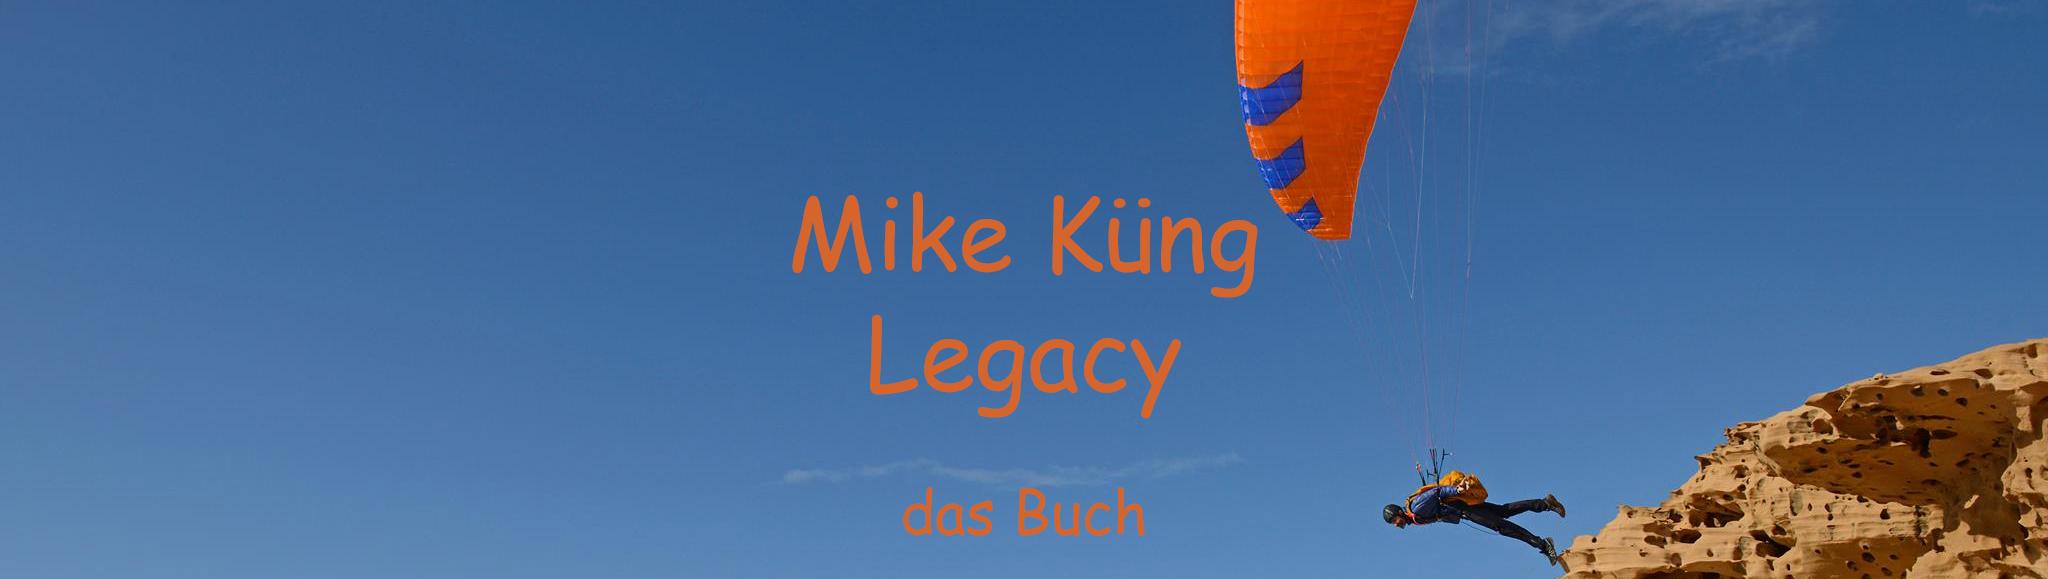 Legacy, die Biografie von Mike Küng.